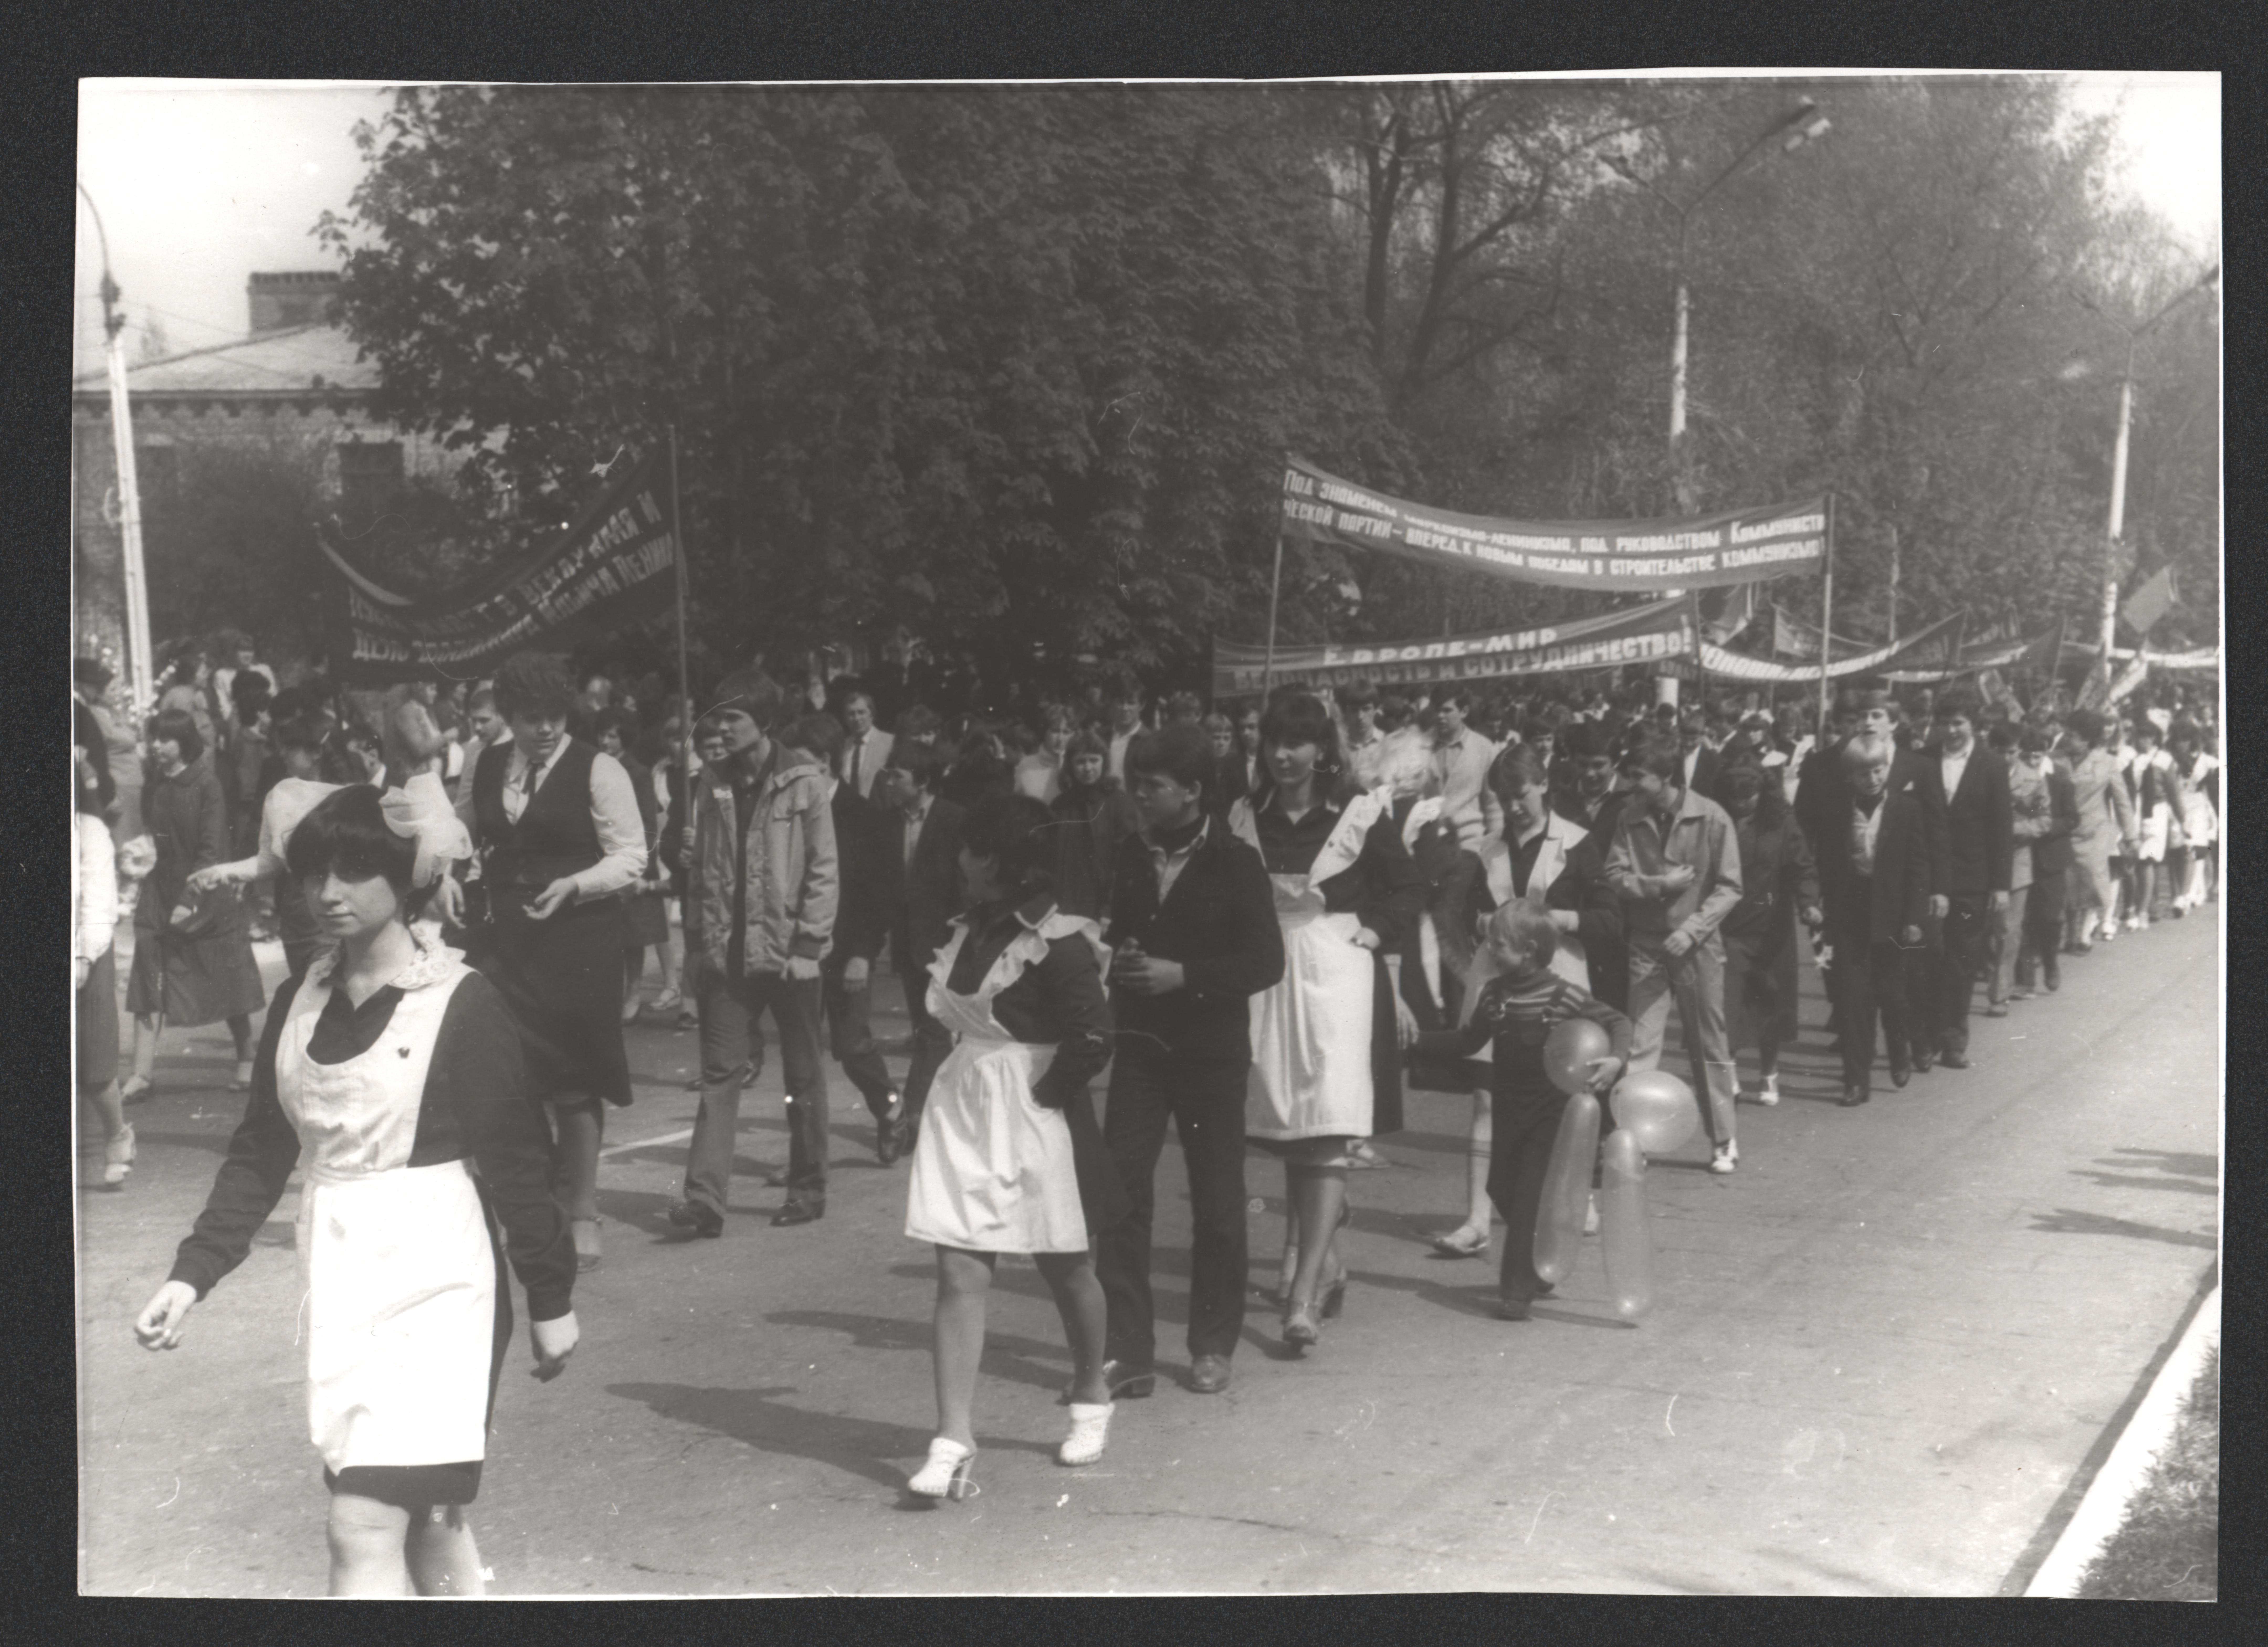 Першотравнева хода у Дружківці, кін. 1980-х рр. Фото: Олександр Бойко